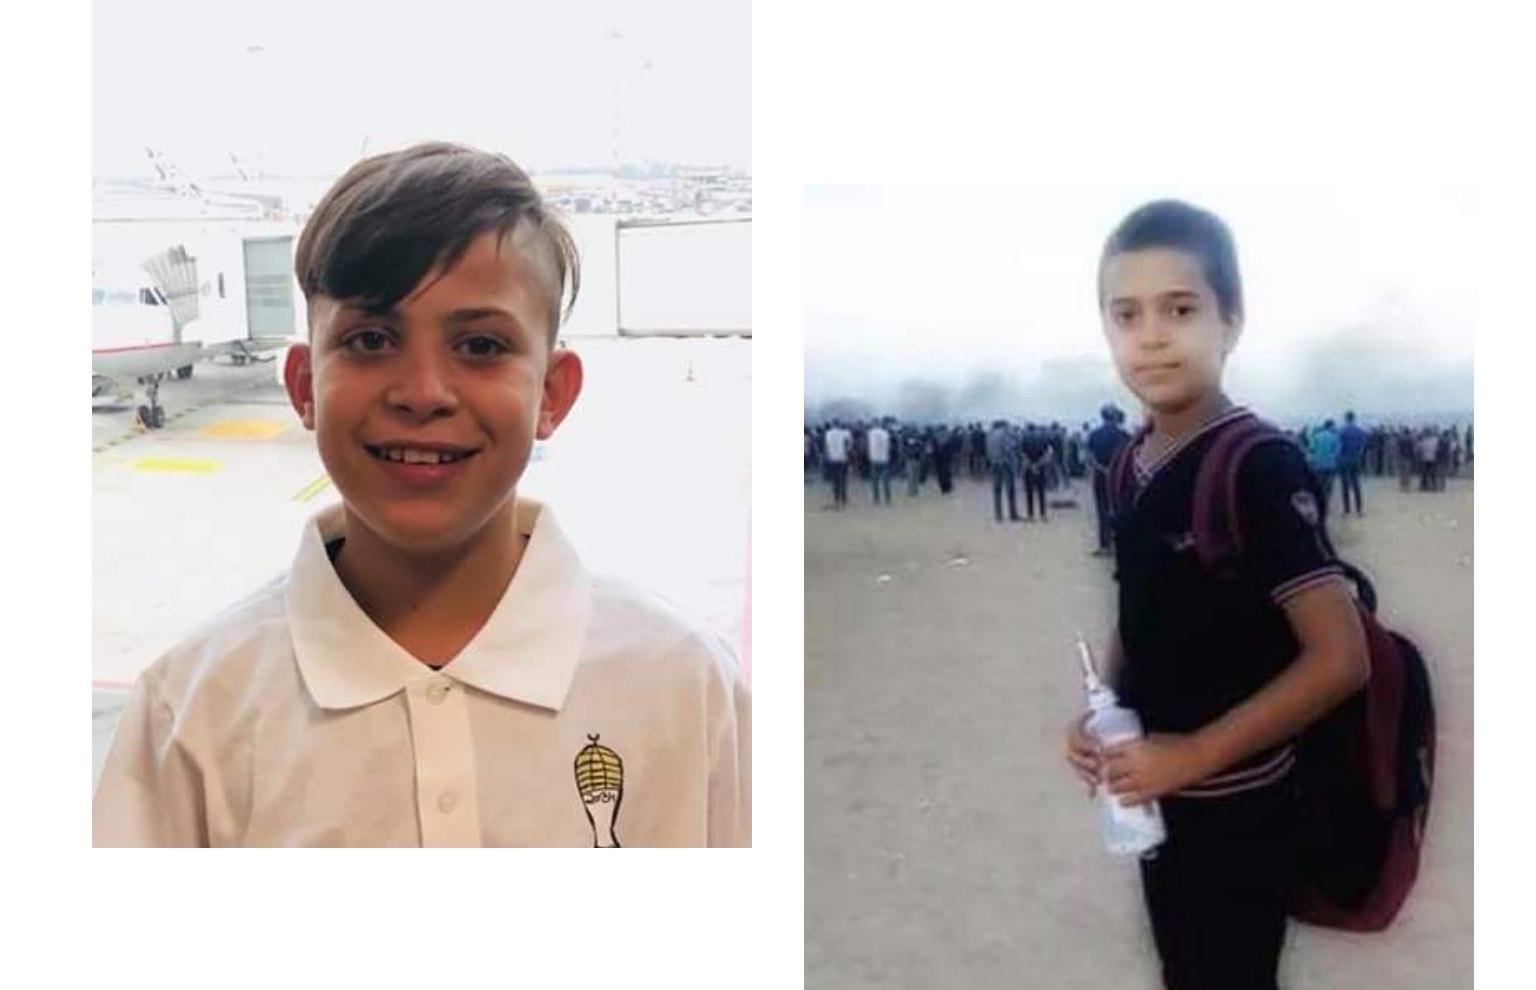 Bambini palestinesi senza infanzia